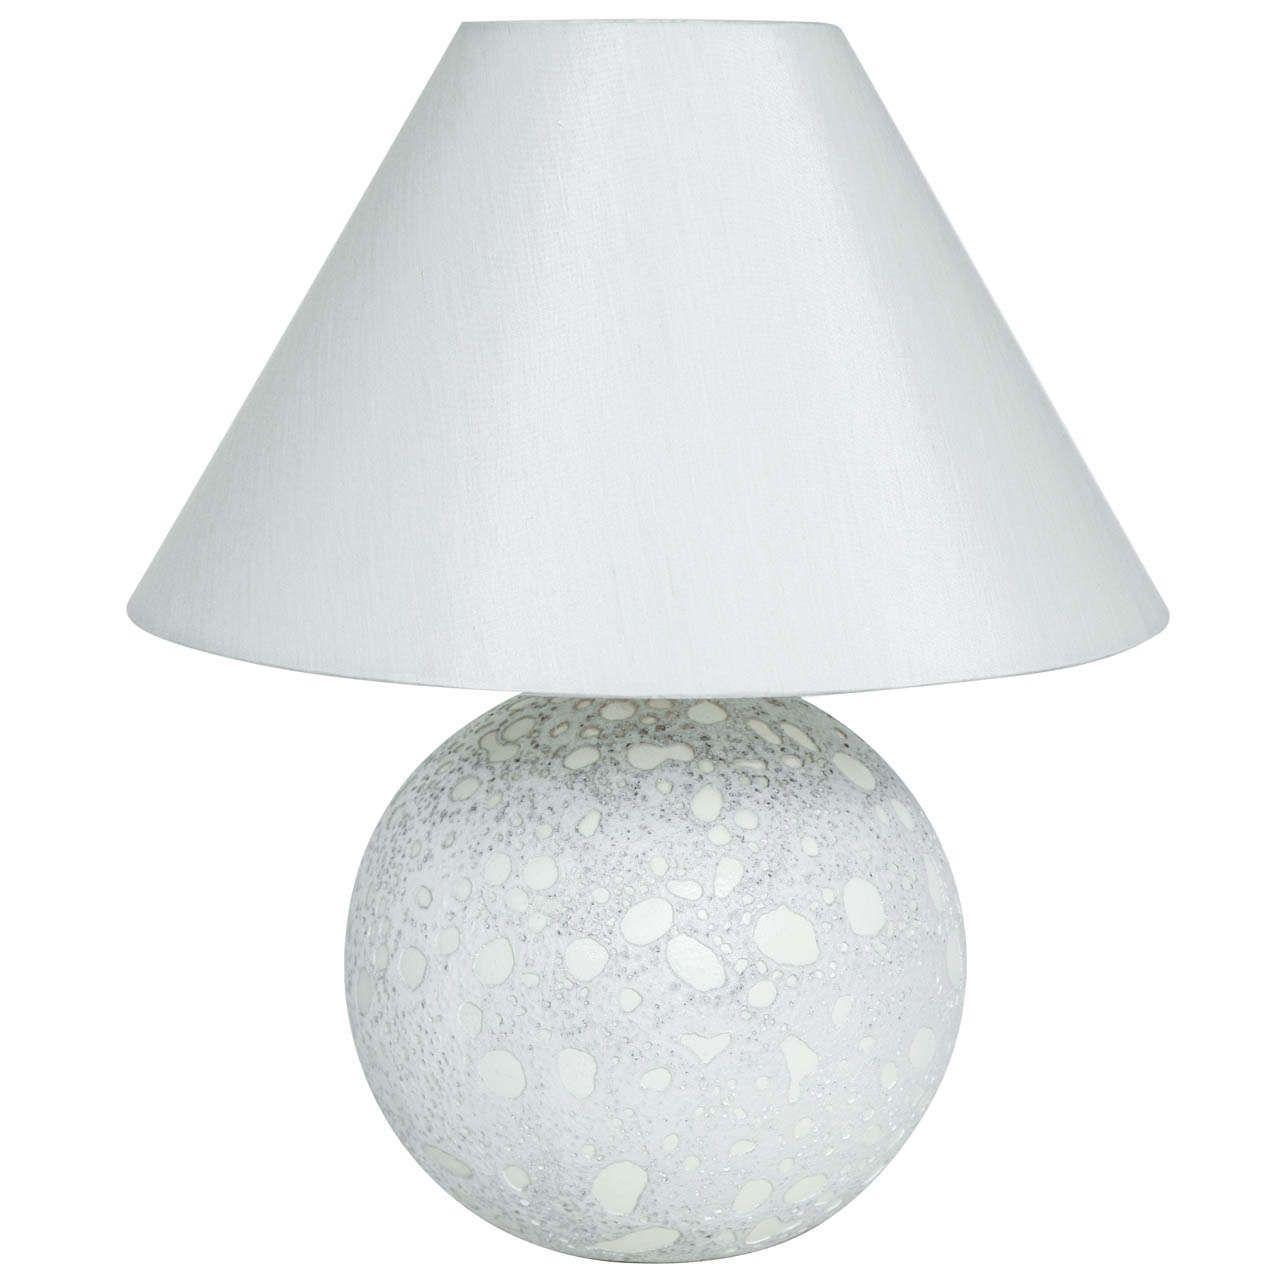 Modern ceramic table lamps - Jean Besnard Art Deco Ceramic Table Lamp